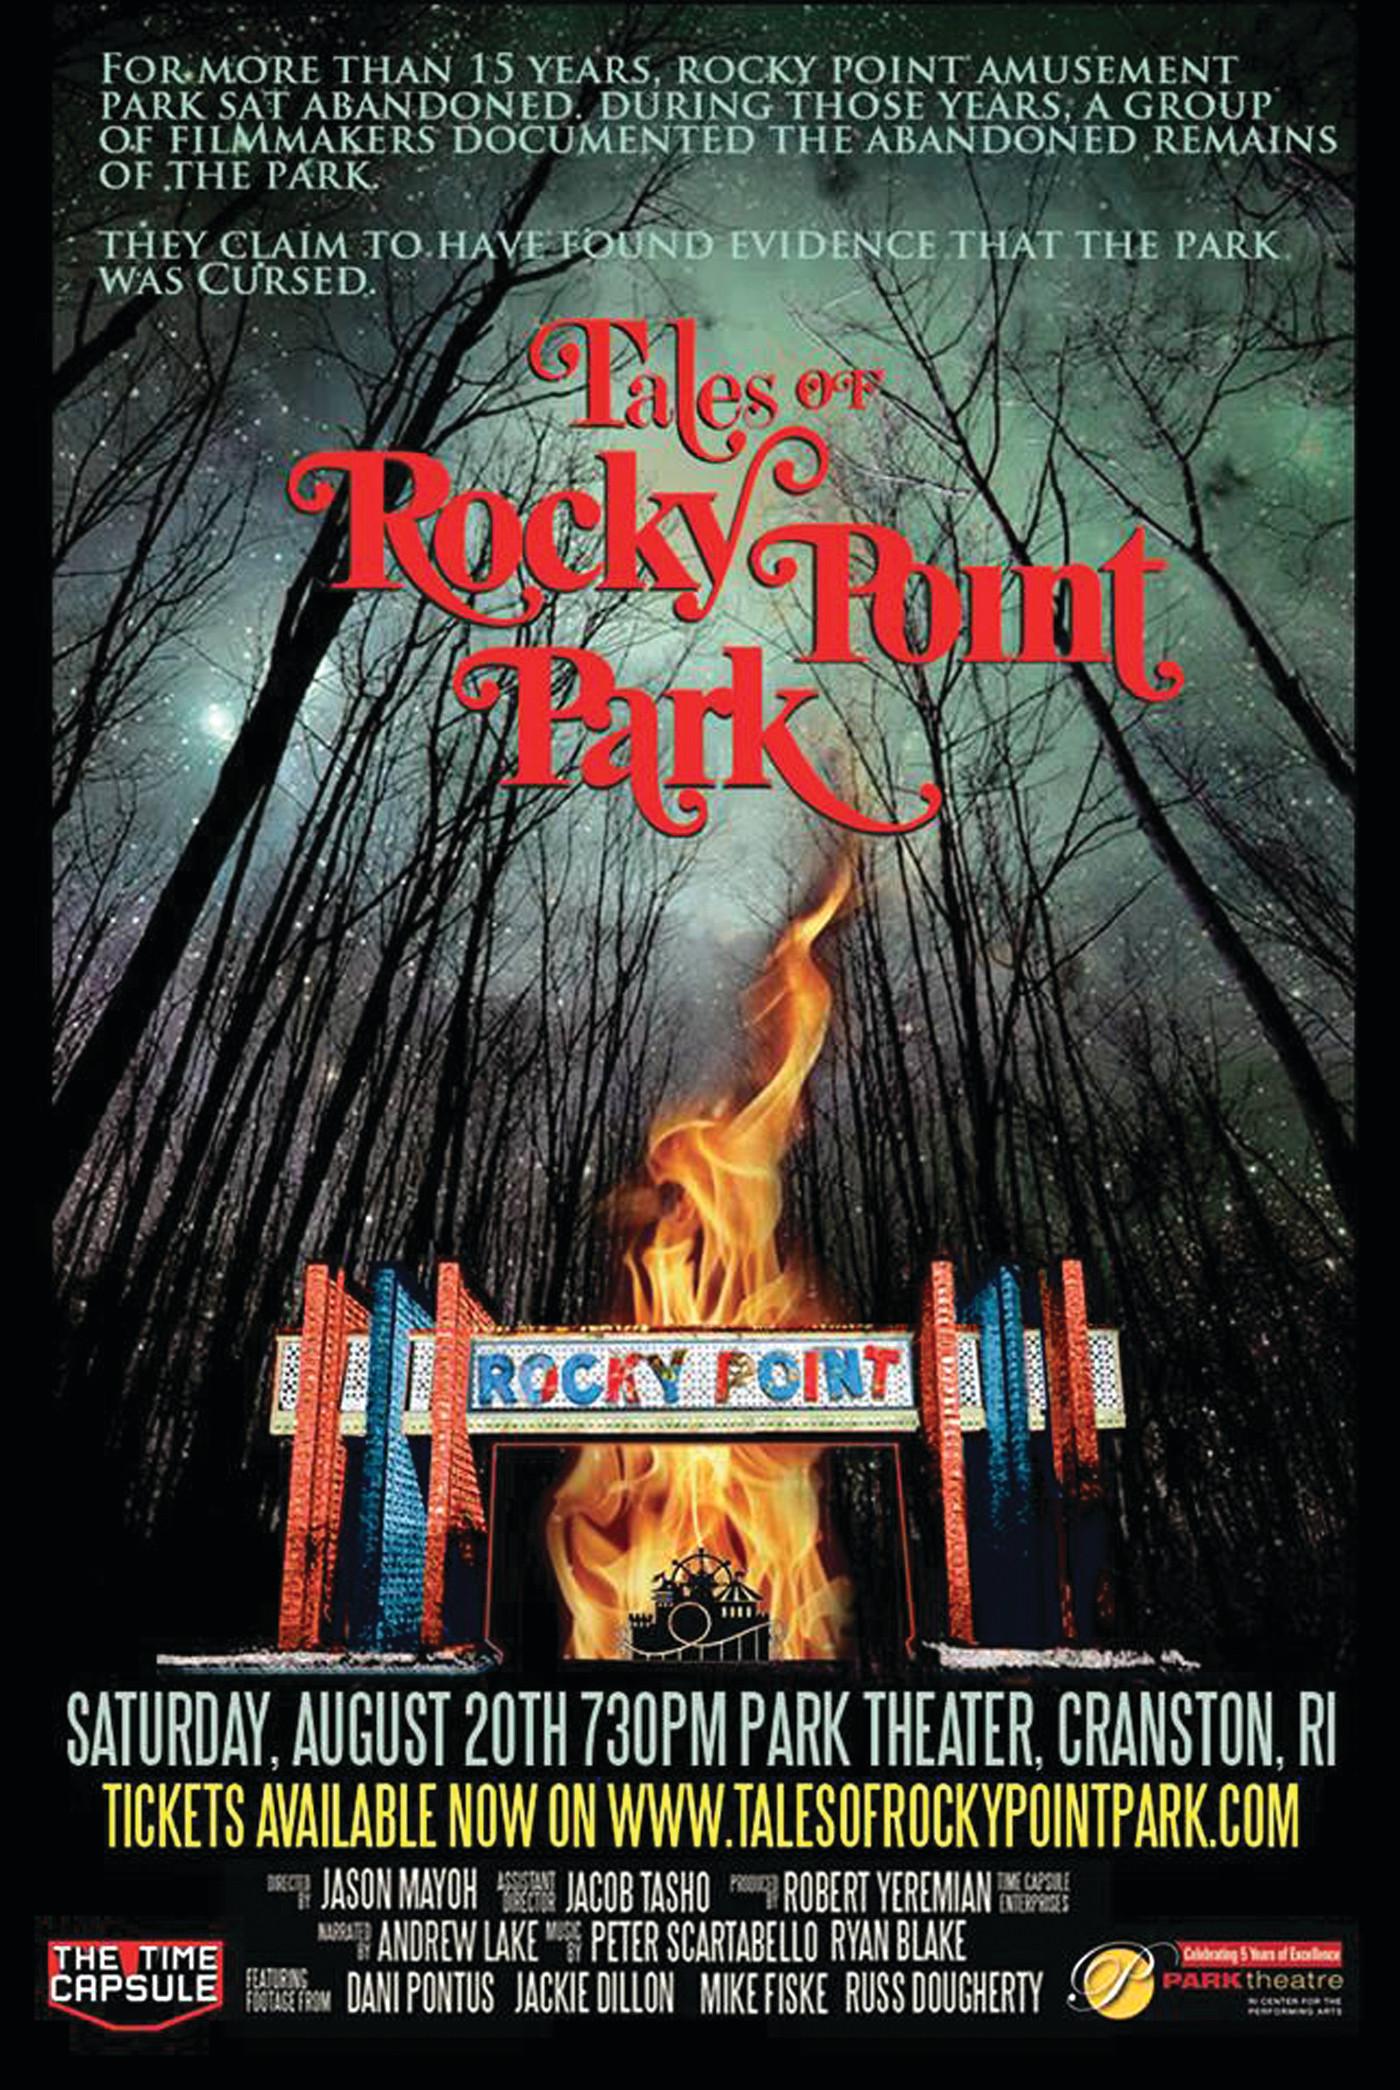 Rocky Point Rhode Island Movie